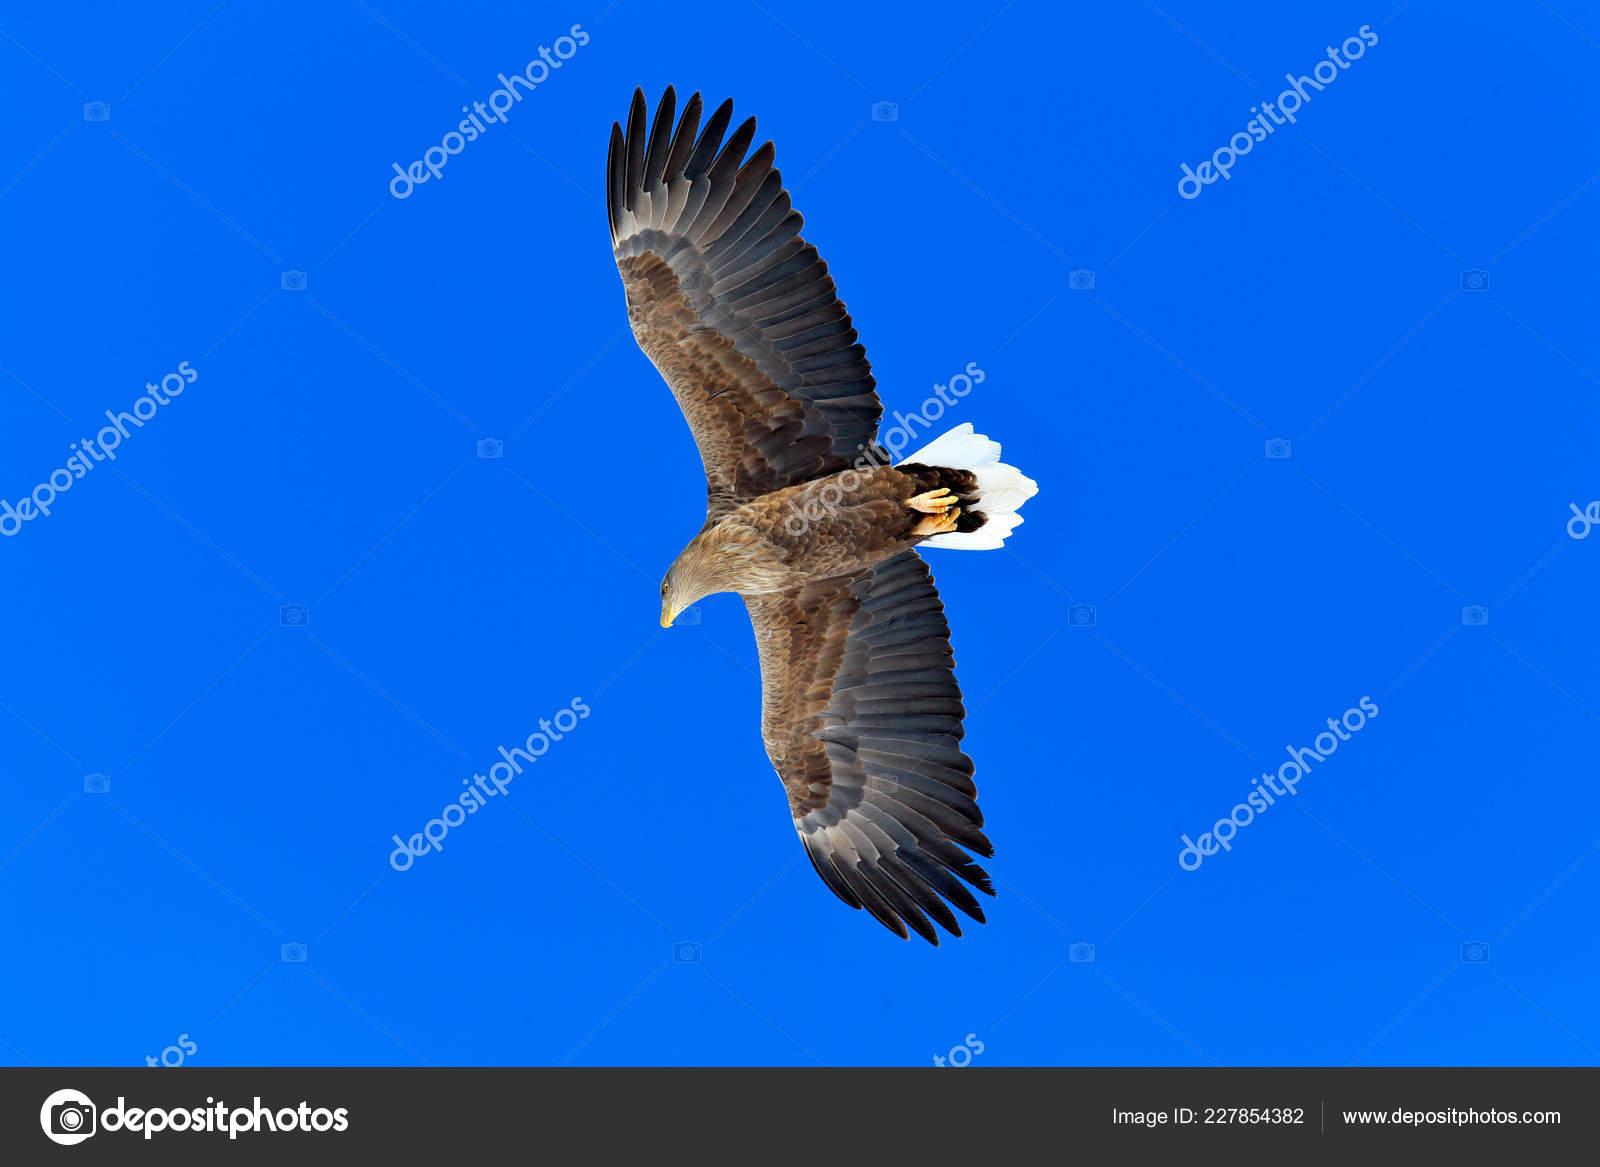 μεγάλο πουλί σε δράση